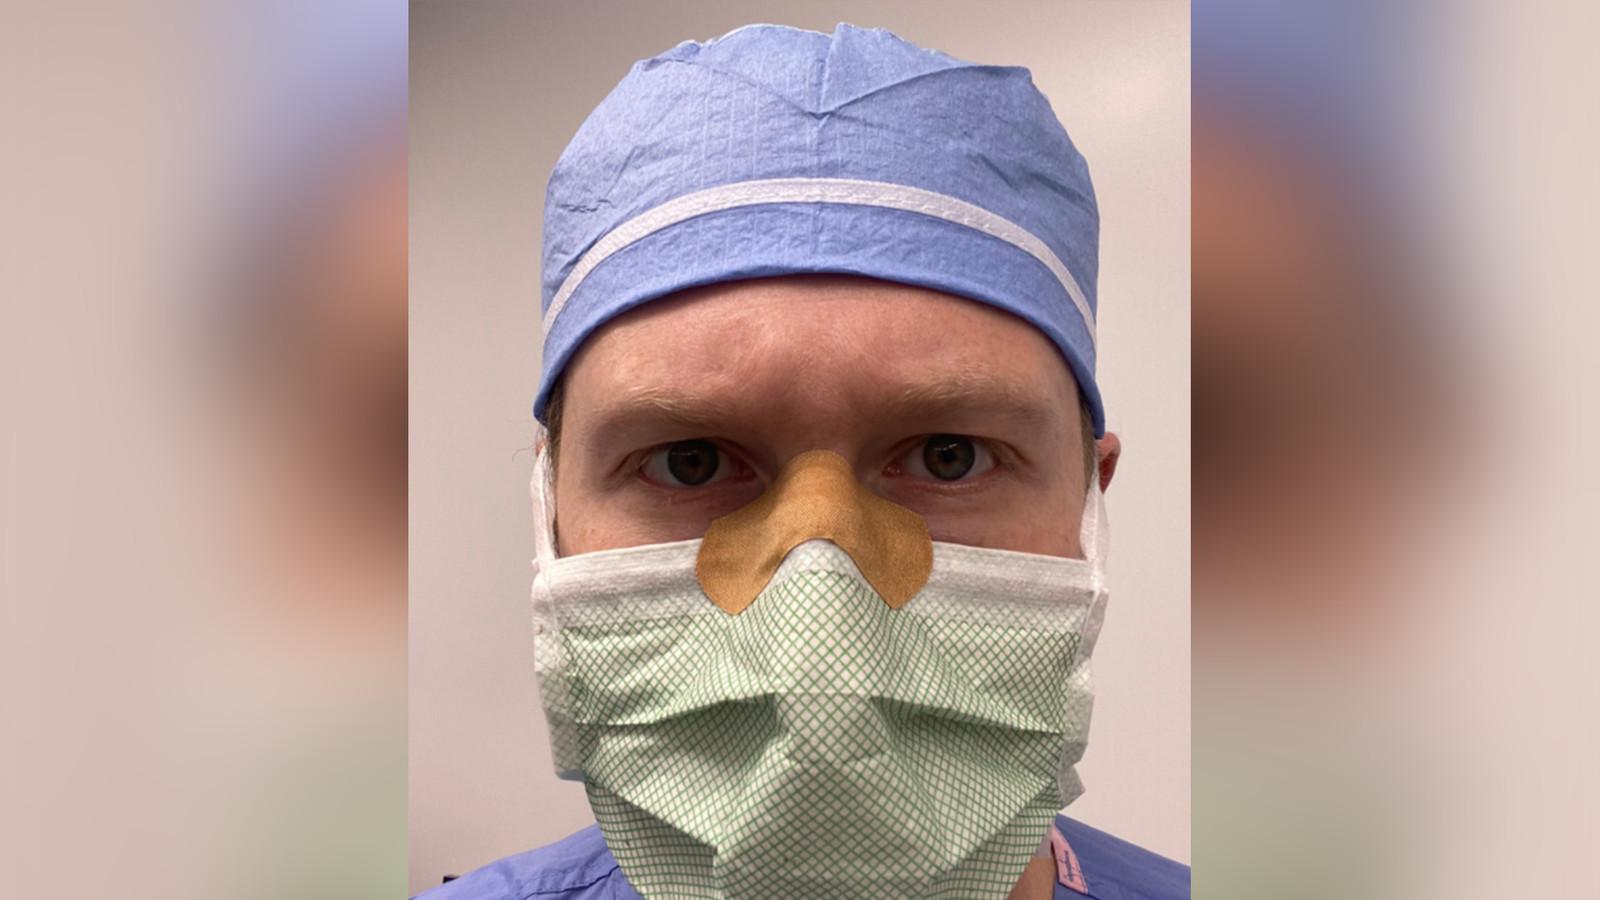 """Ce chirurgien a trouvé """"la"""" solution pour éviter la buée sur les lunettes  quand on porte un masque   Foto   7sur7.be"""